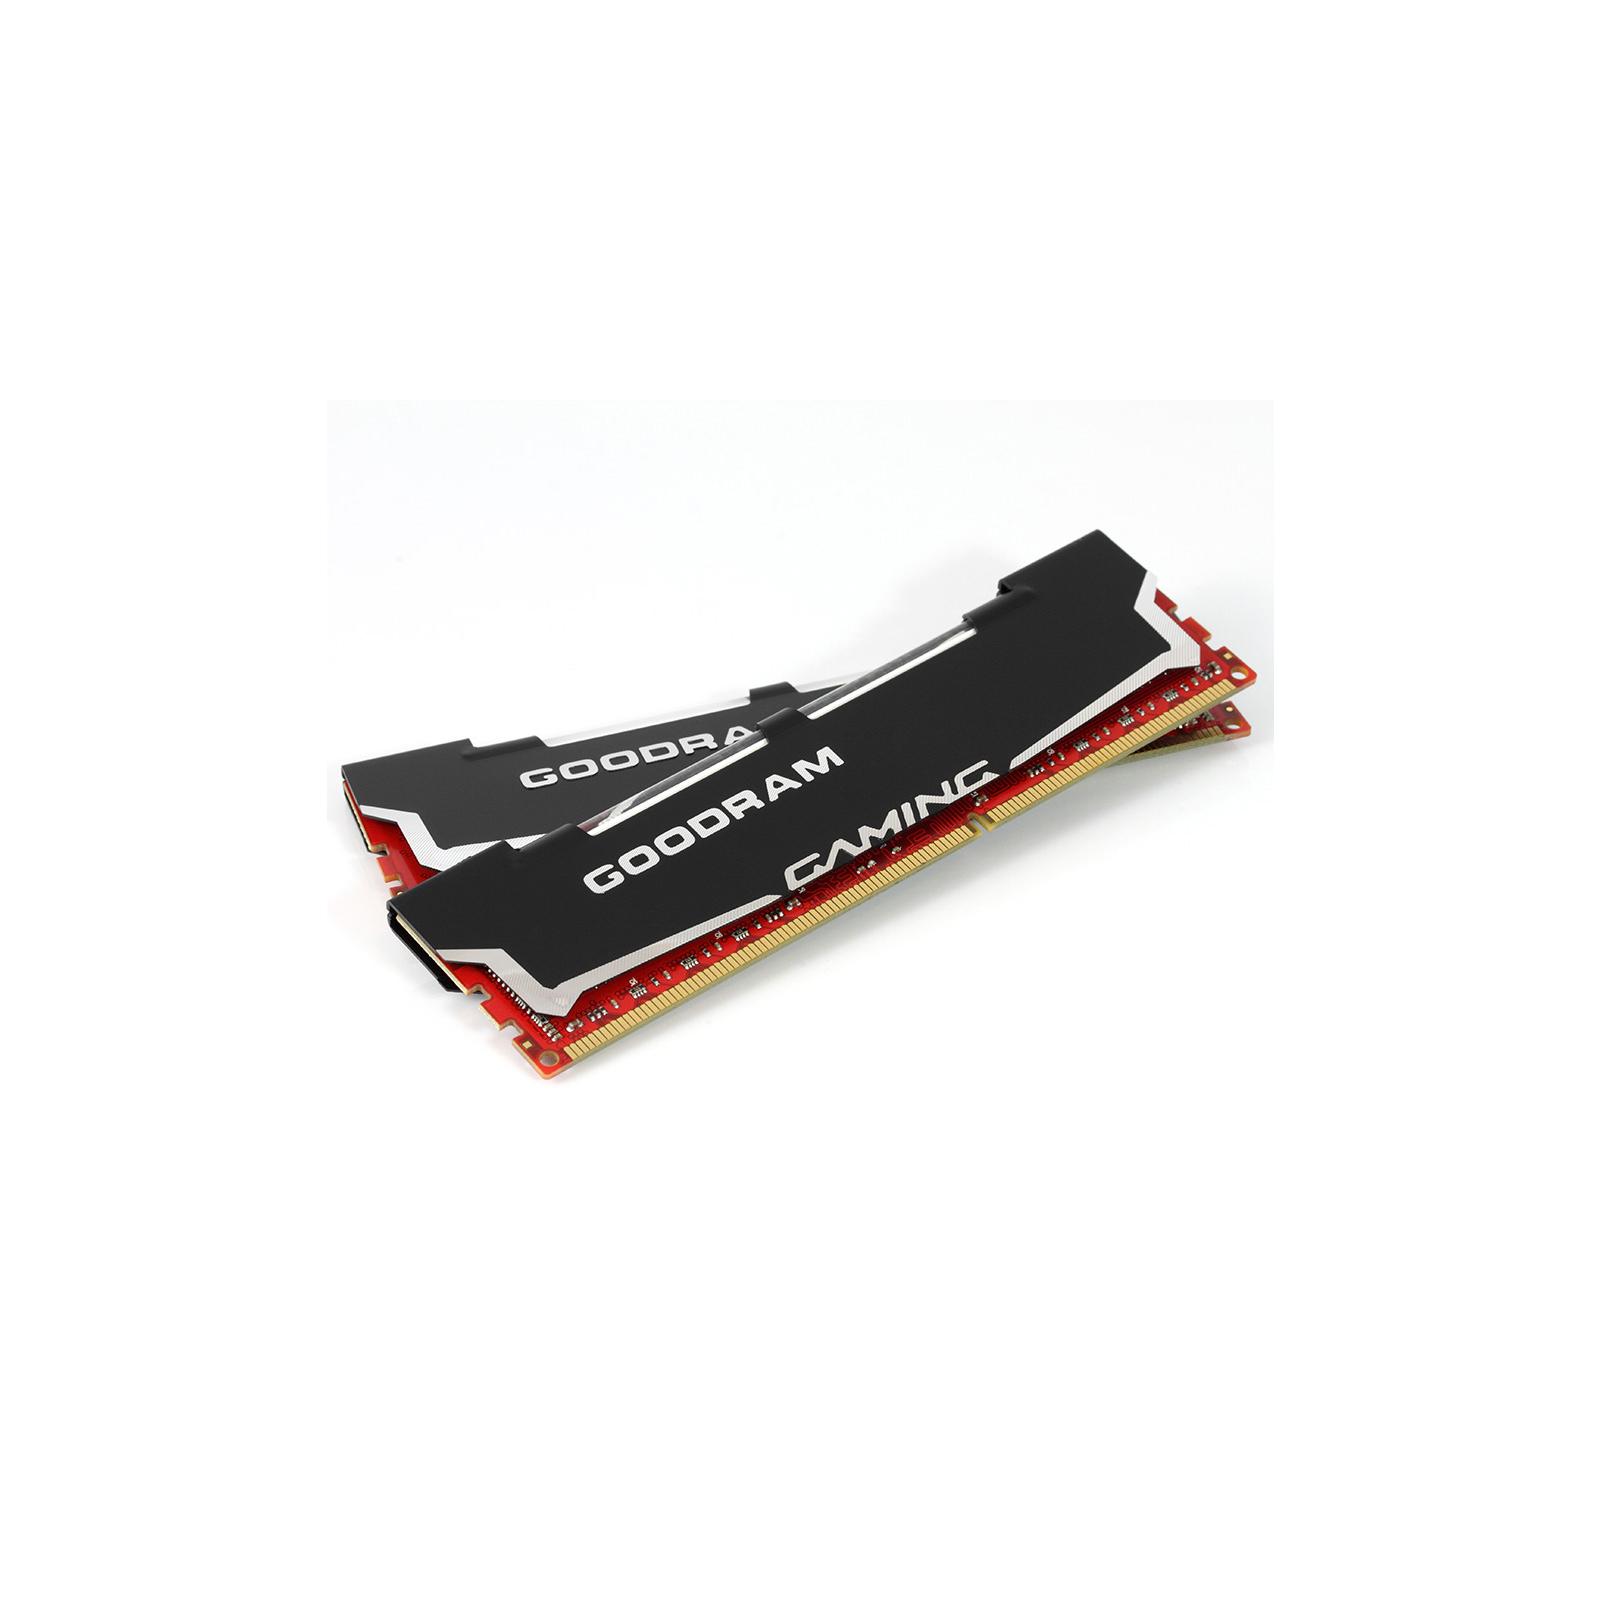 Модуль памяти для компьютера DDR3 8Gb (2x4GB) 2400 MHz Led Gaming GOODRAM (GL2400D364L11/8GDC) изображение 2